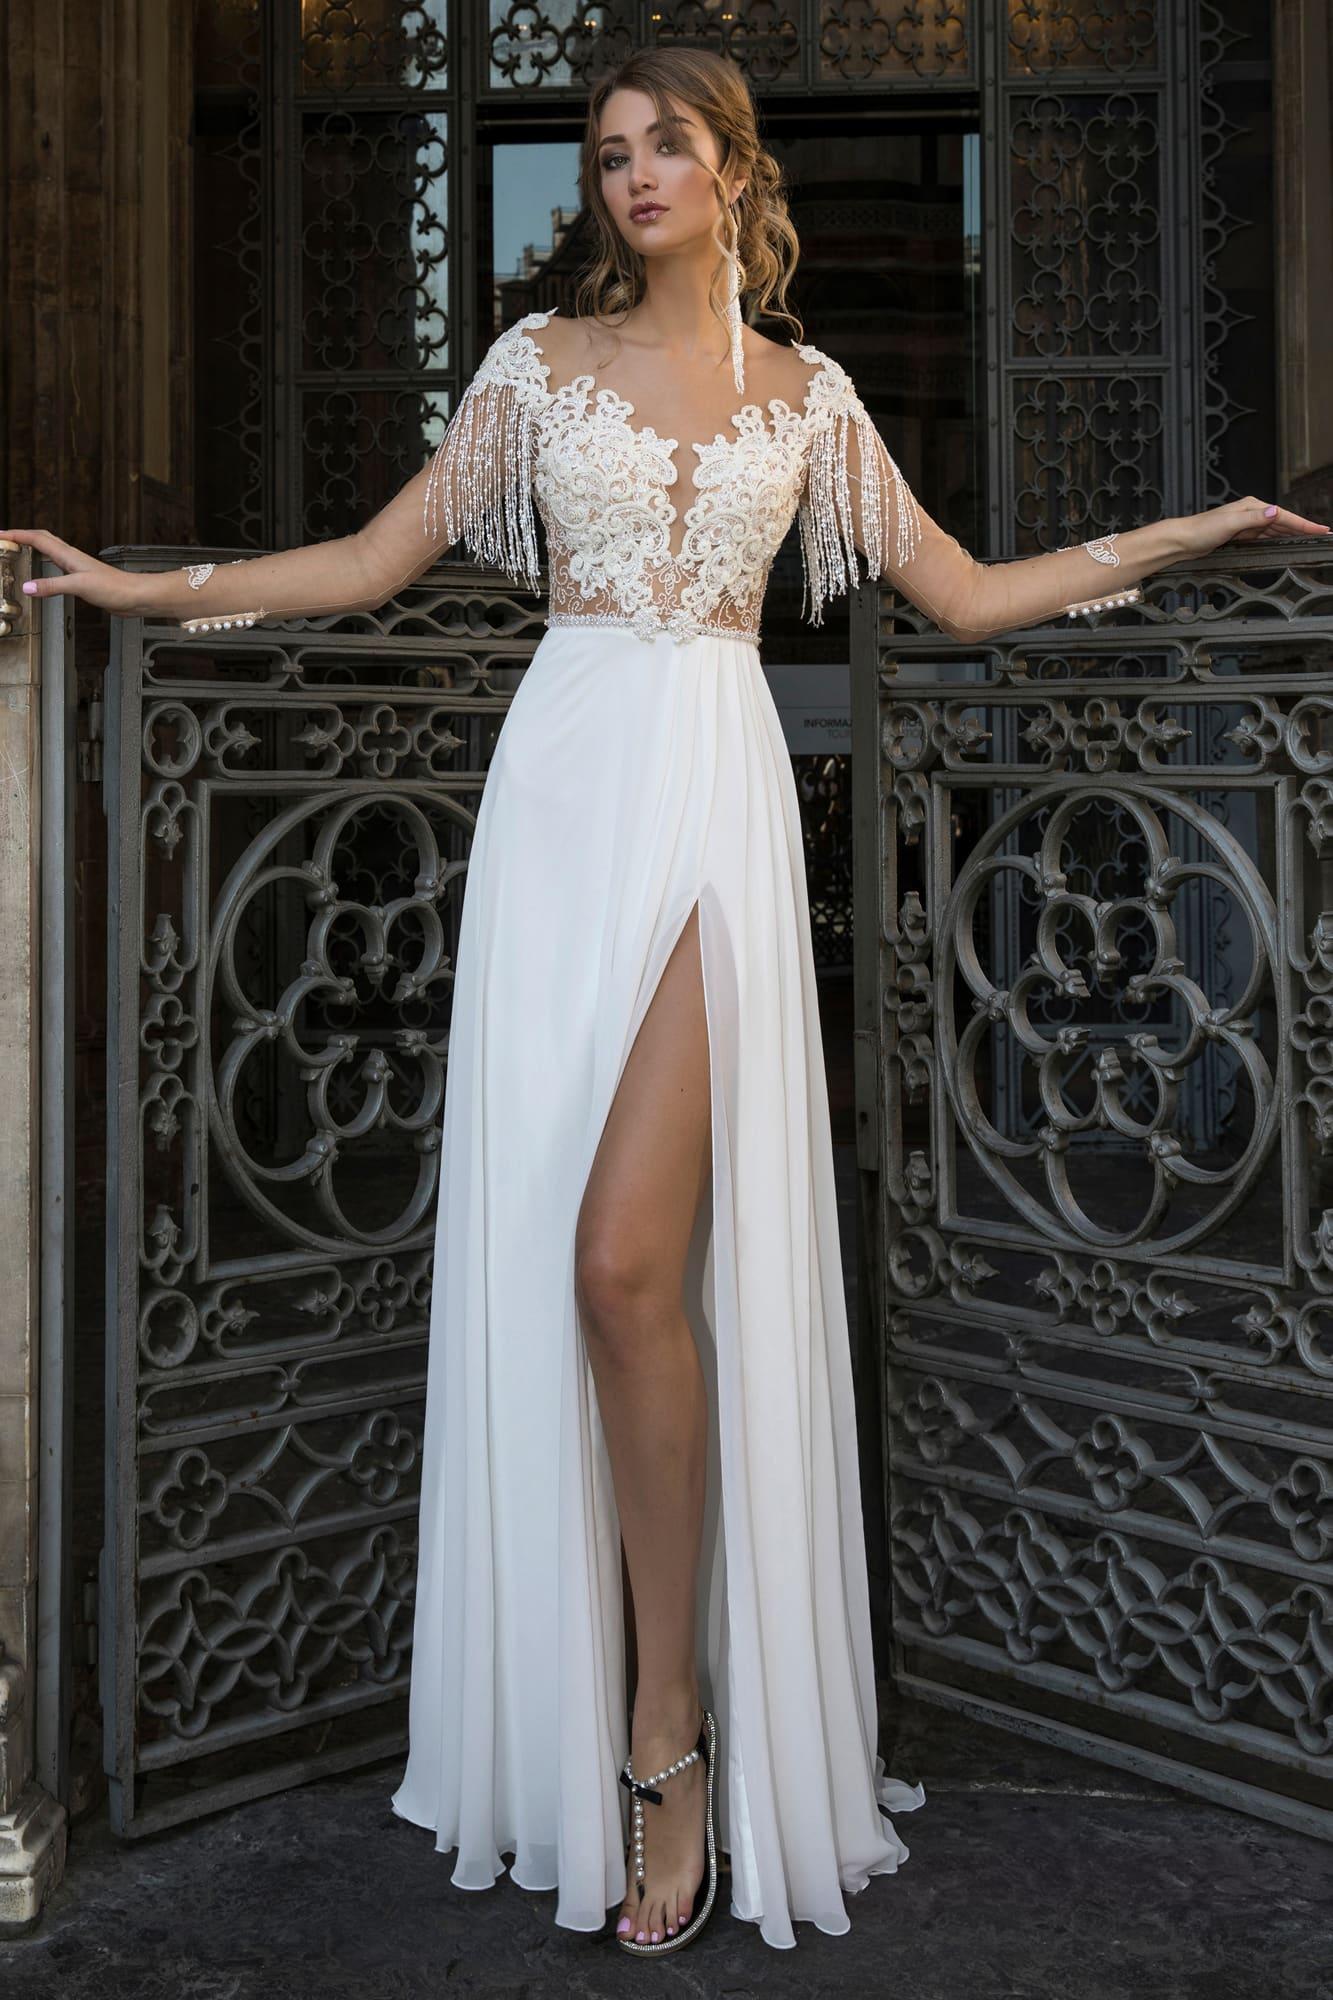 Прямое свадебное платье с соблазнительным разрезом по подолу и бахромой на лифе.